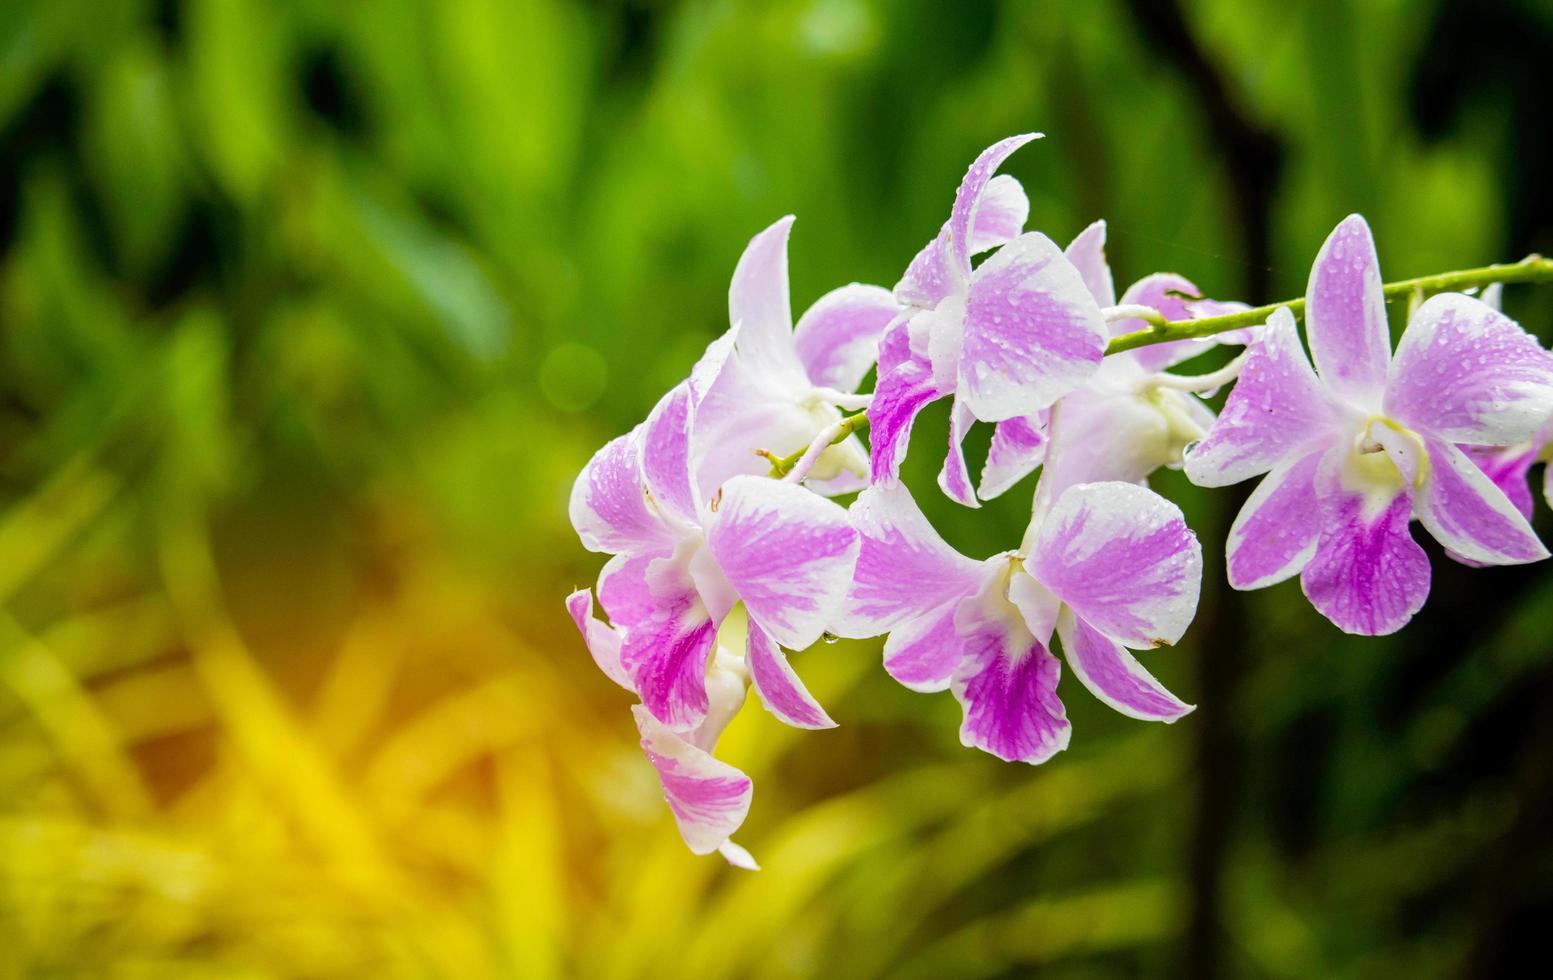 orchidee che fioriscono su uno sfondo naturale verde foto